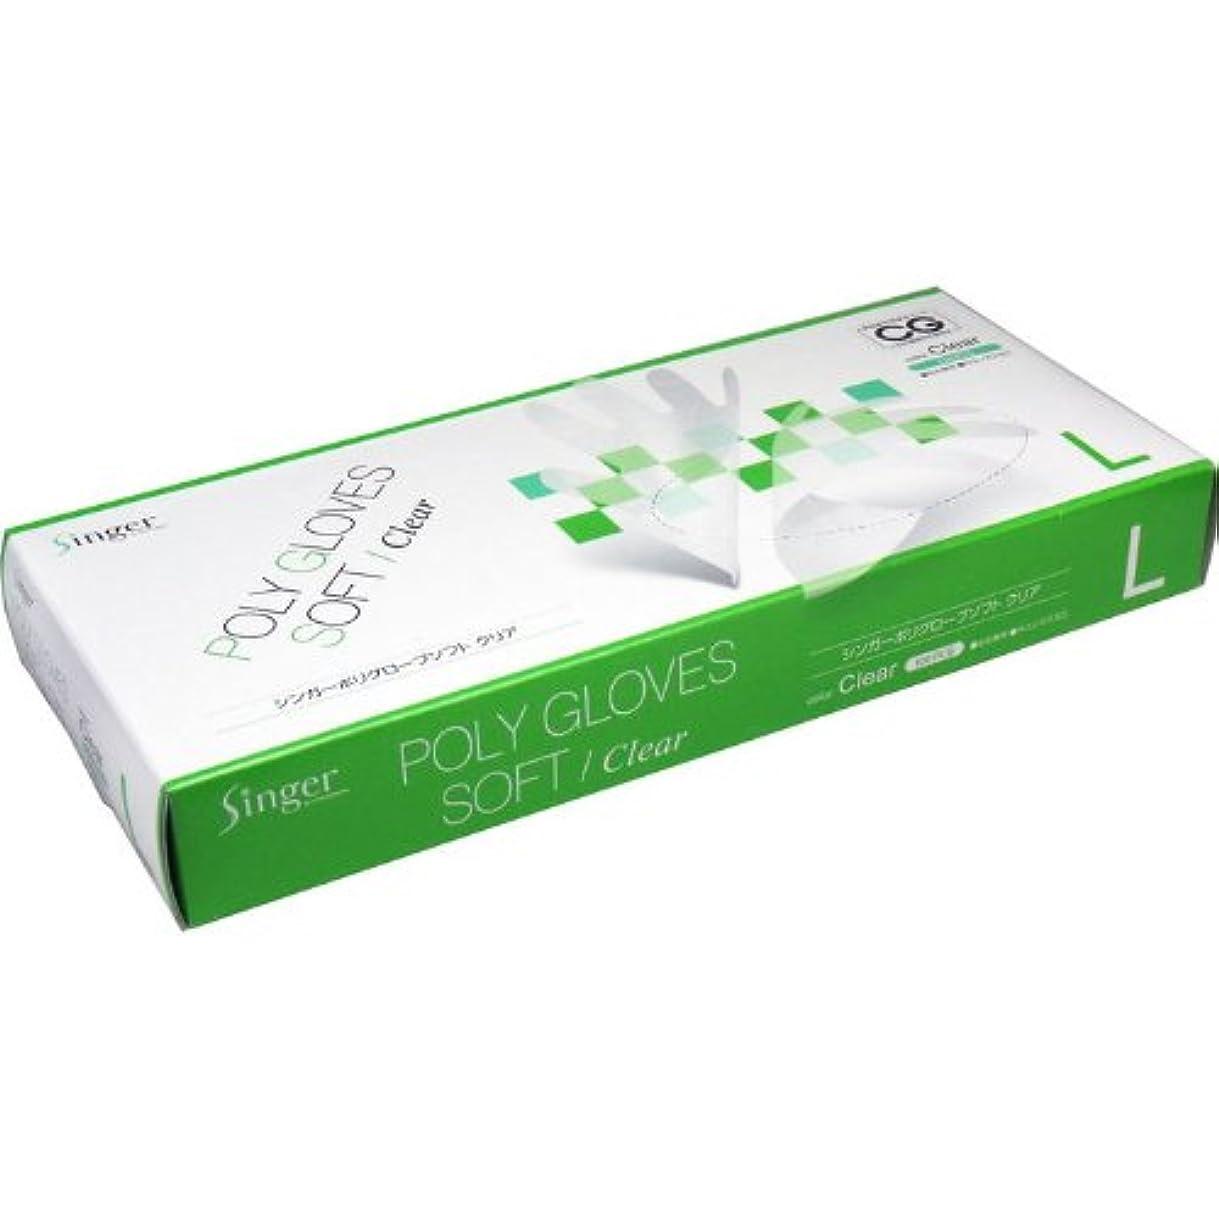 いつか液体悪質な食品衛生法適合商品 100枚入 ポリ手袋 Lサイズ